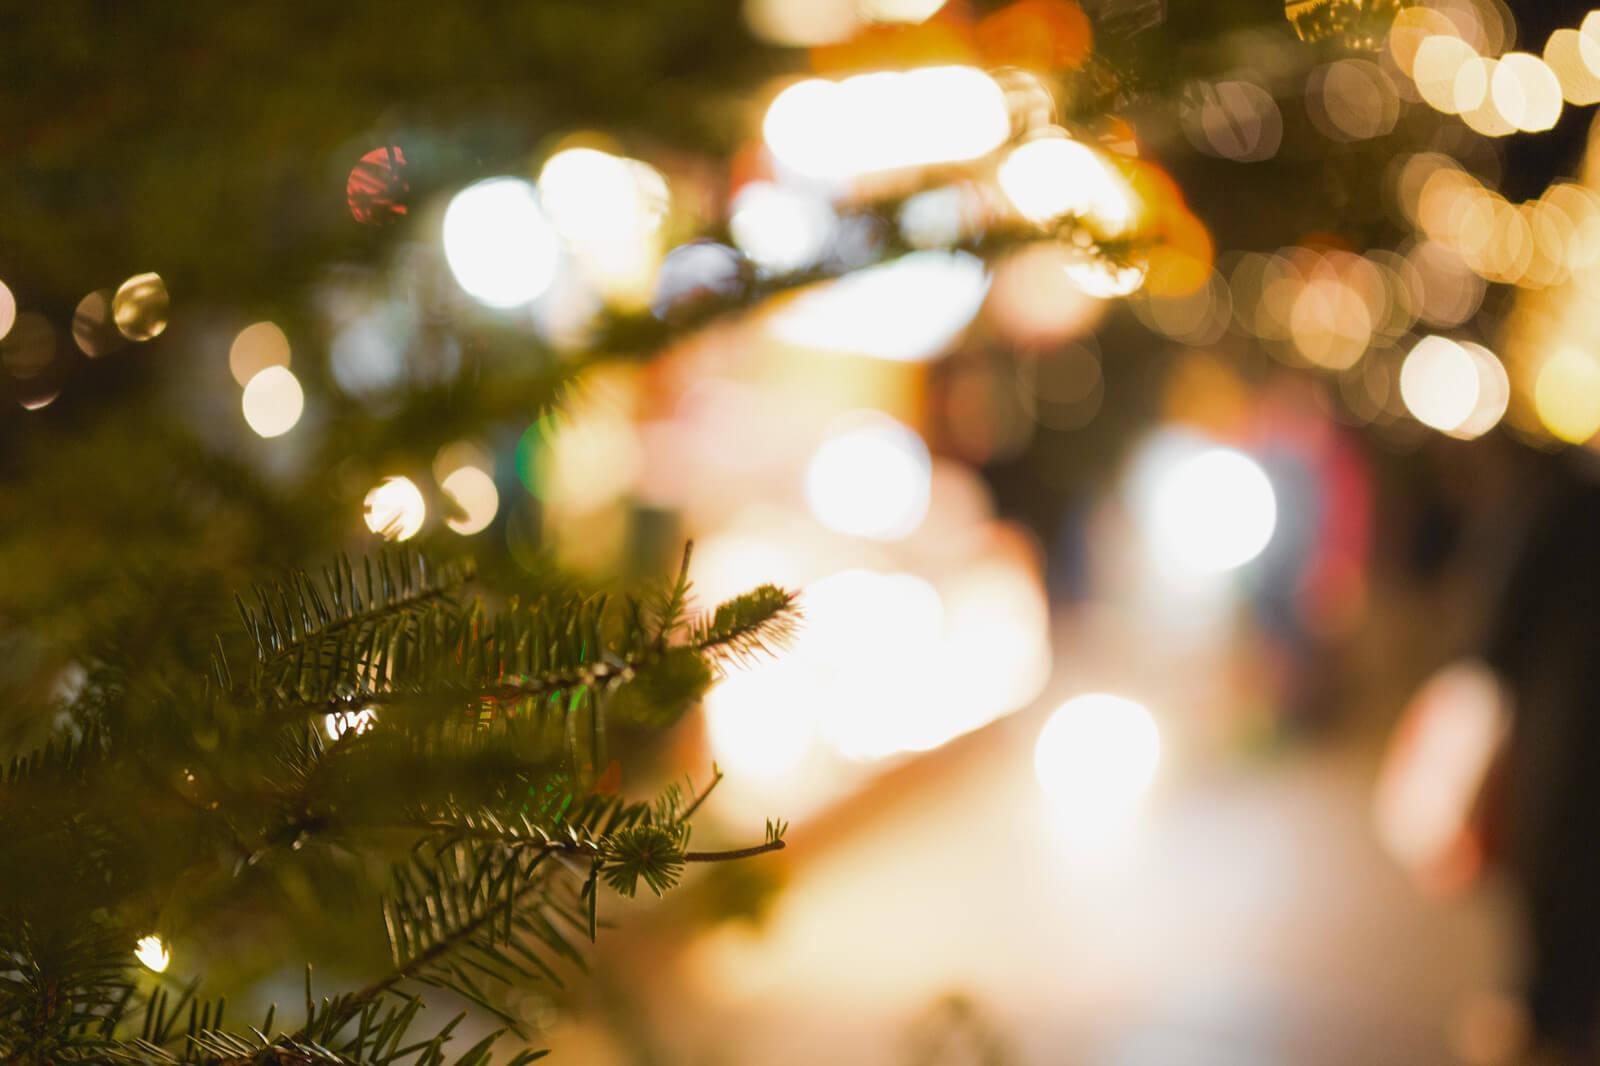 クリスマスの恋愛は定番ソングからしてどっちに転ぶか分からないよね